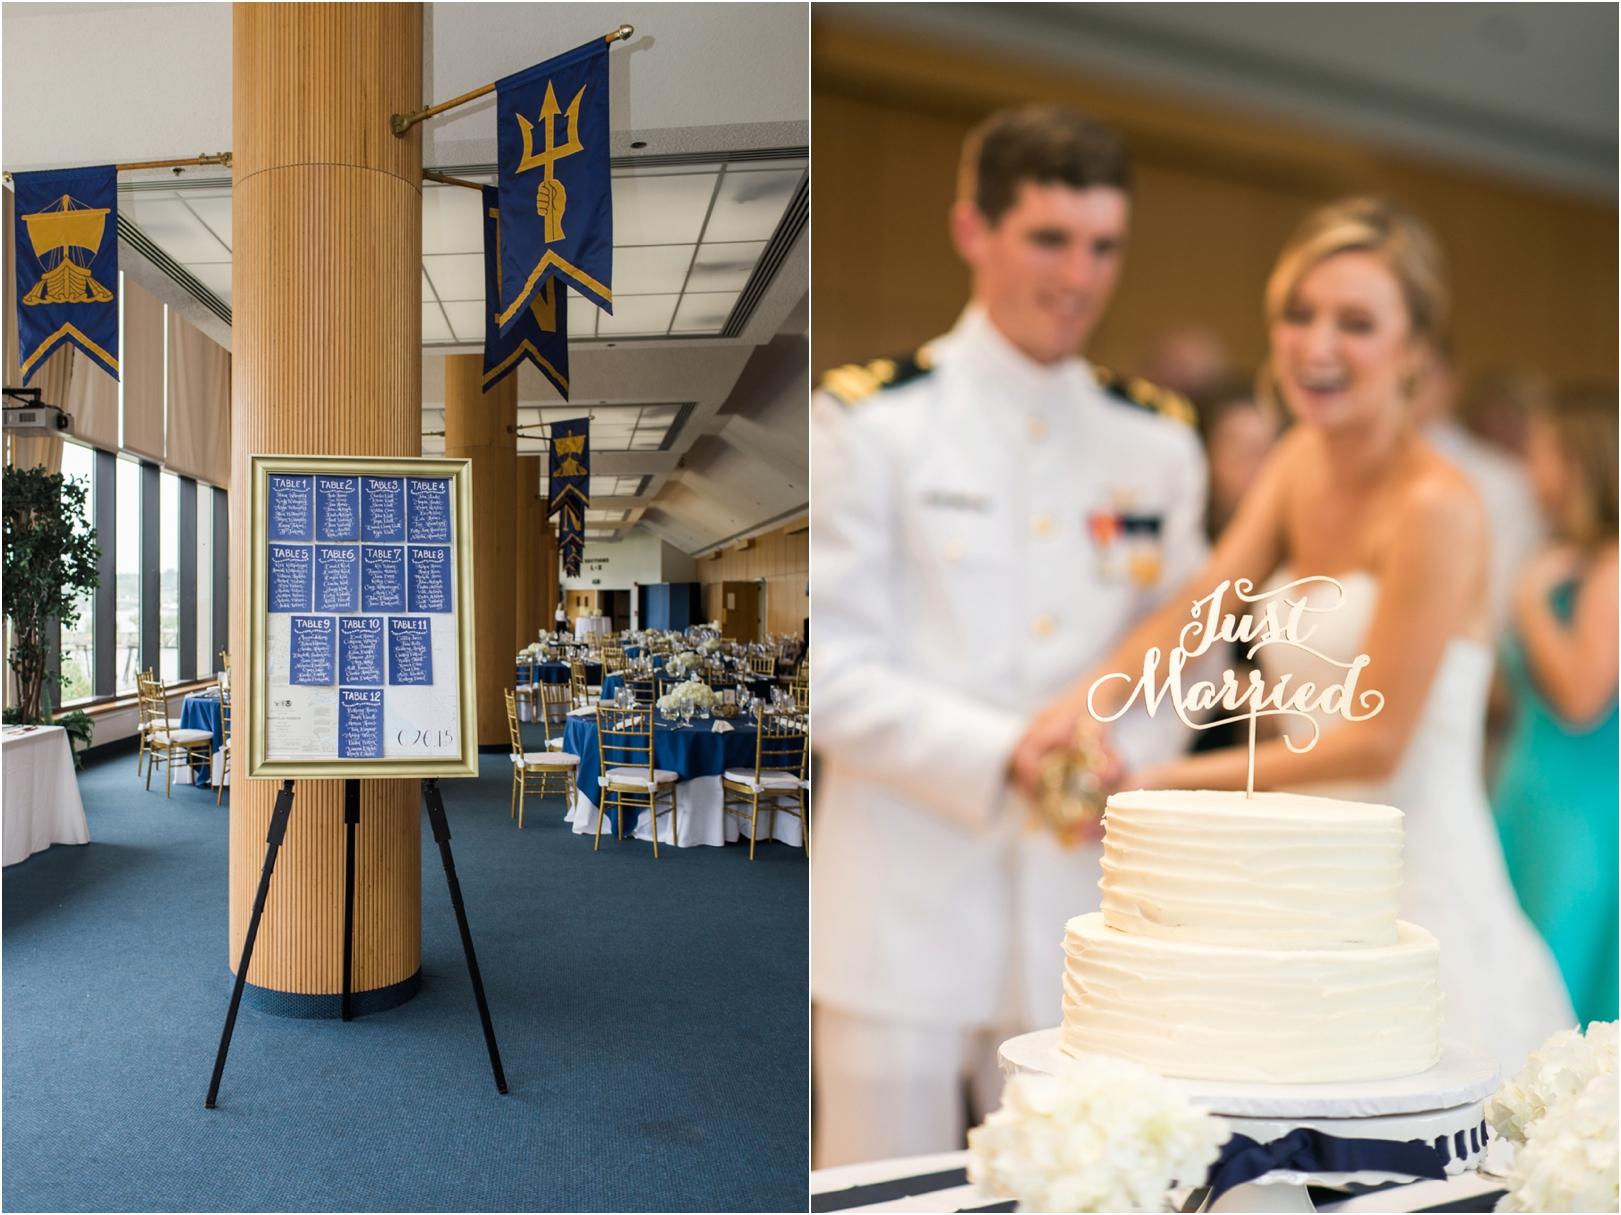 usna-alumni-hall-wedding